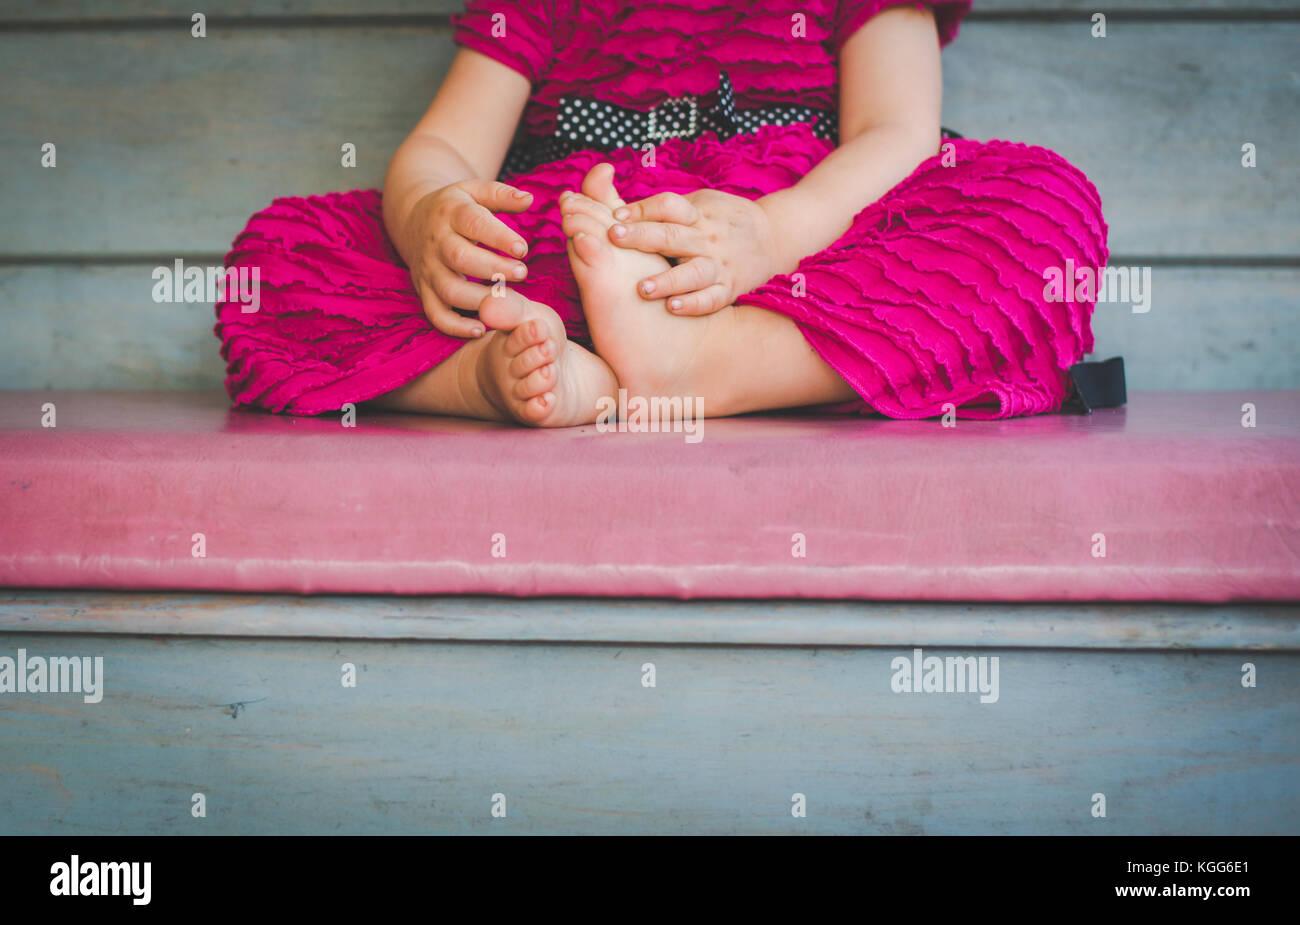 2-3 Jahre alten sitzen auf einer Bank mit ihren nackten Füßen sichtbar. Stockbild